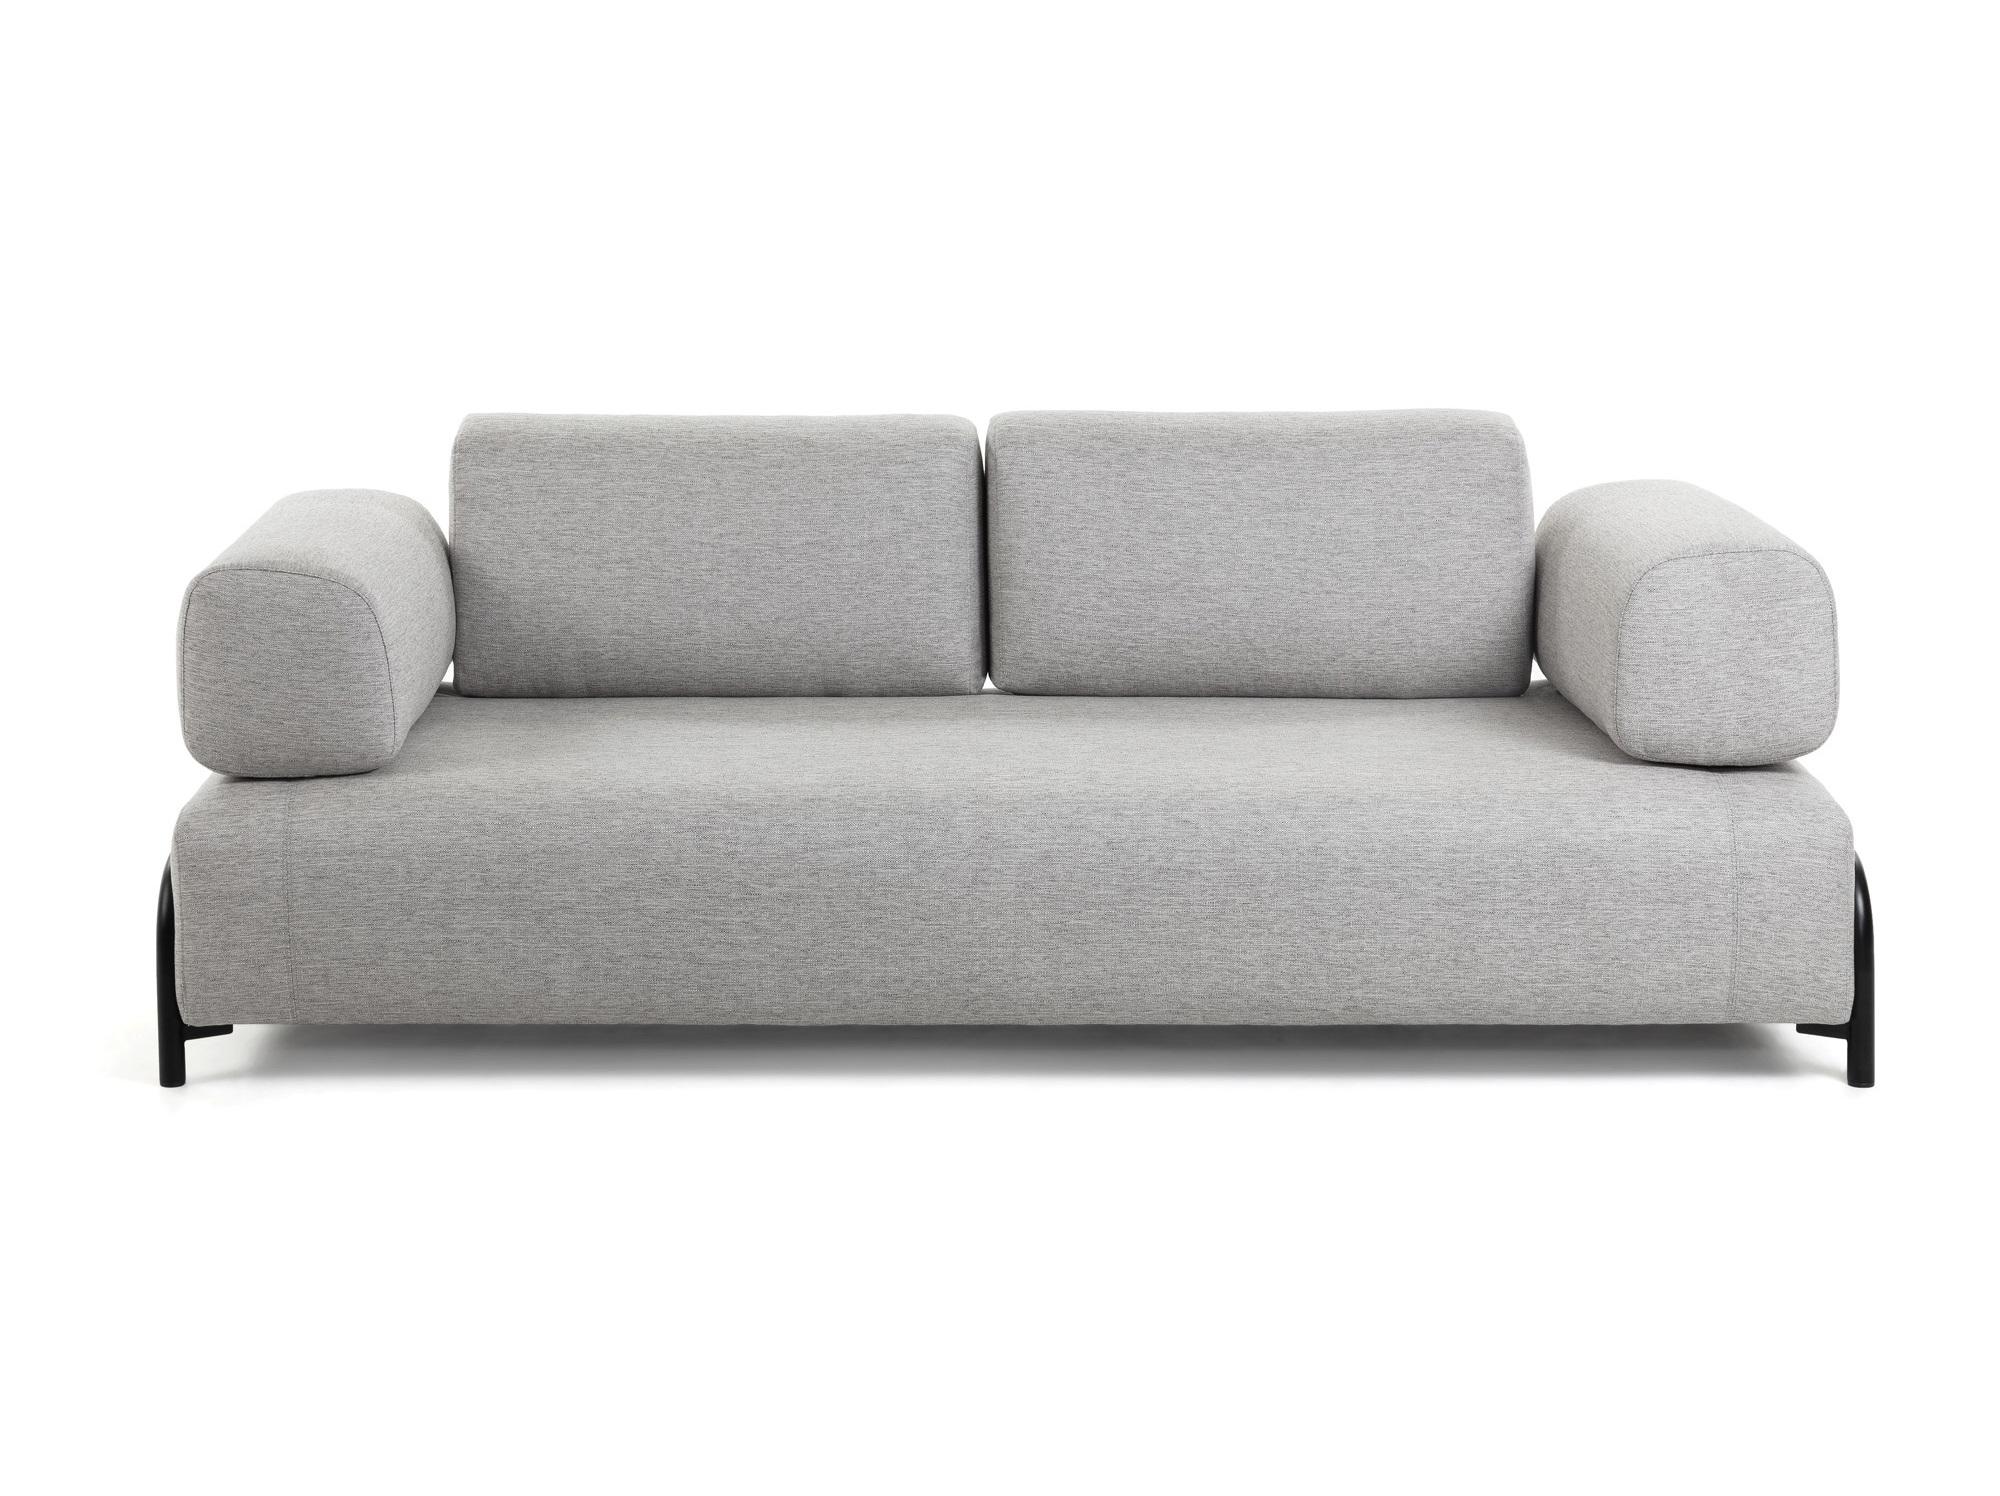 La forma диван трехместный compo серый 128448/9